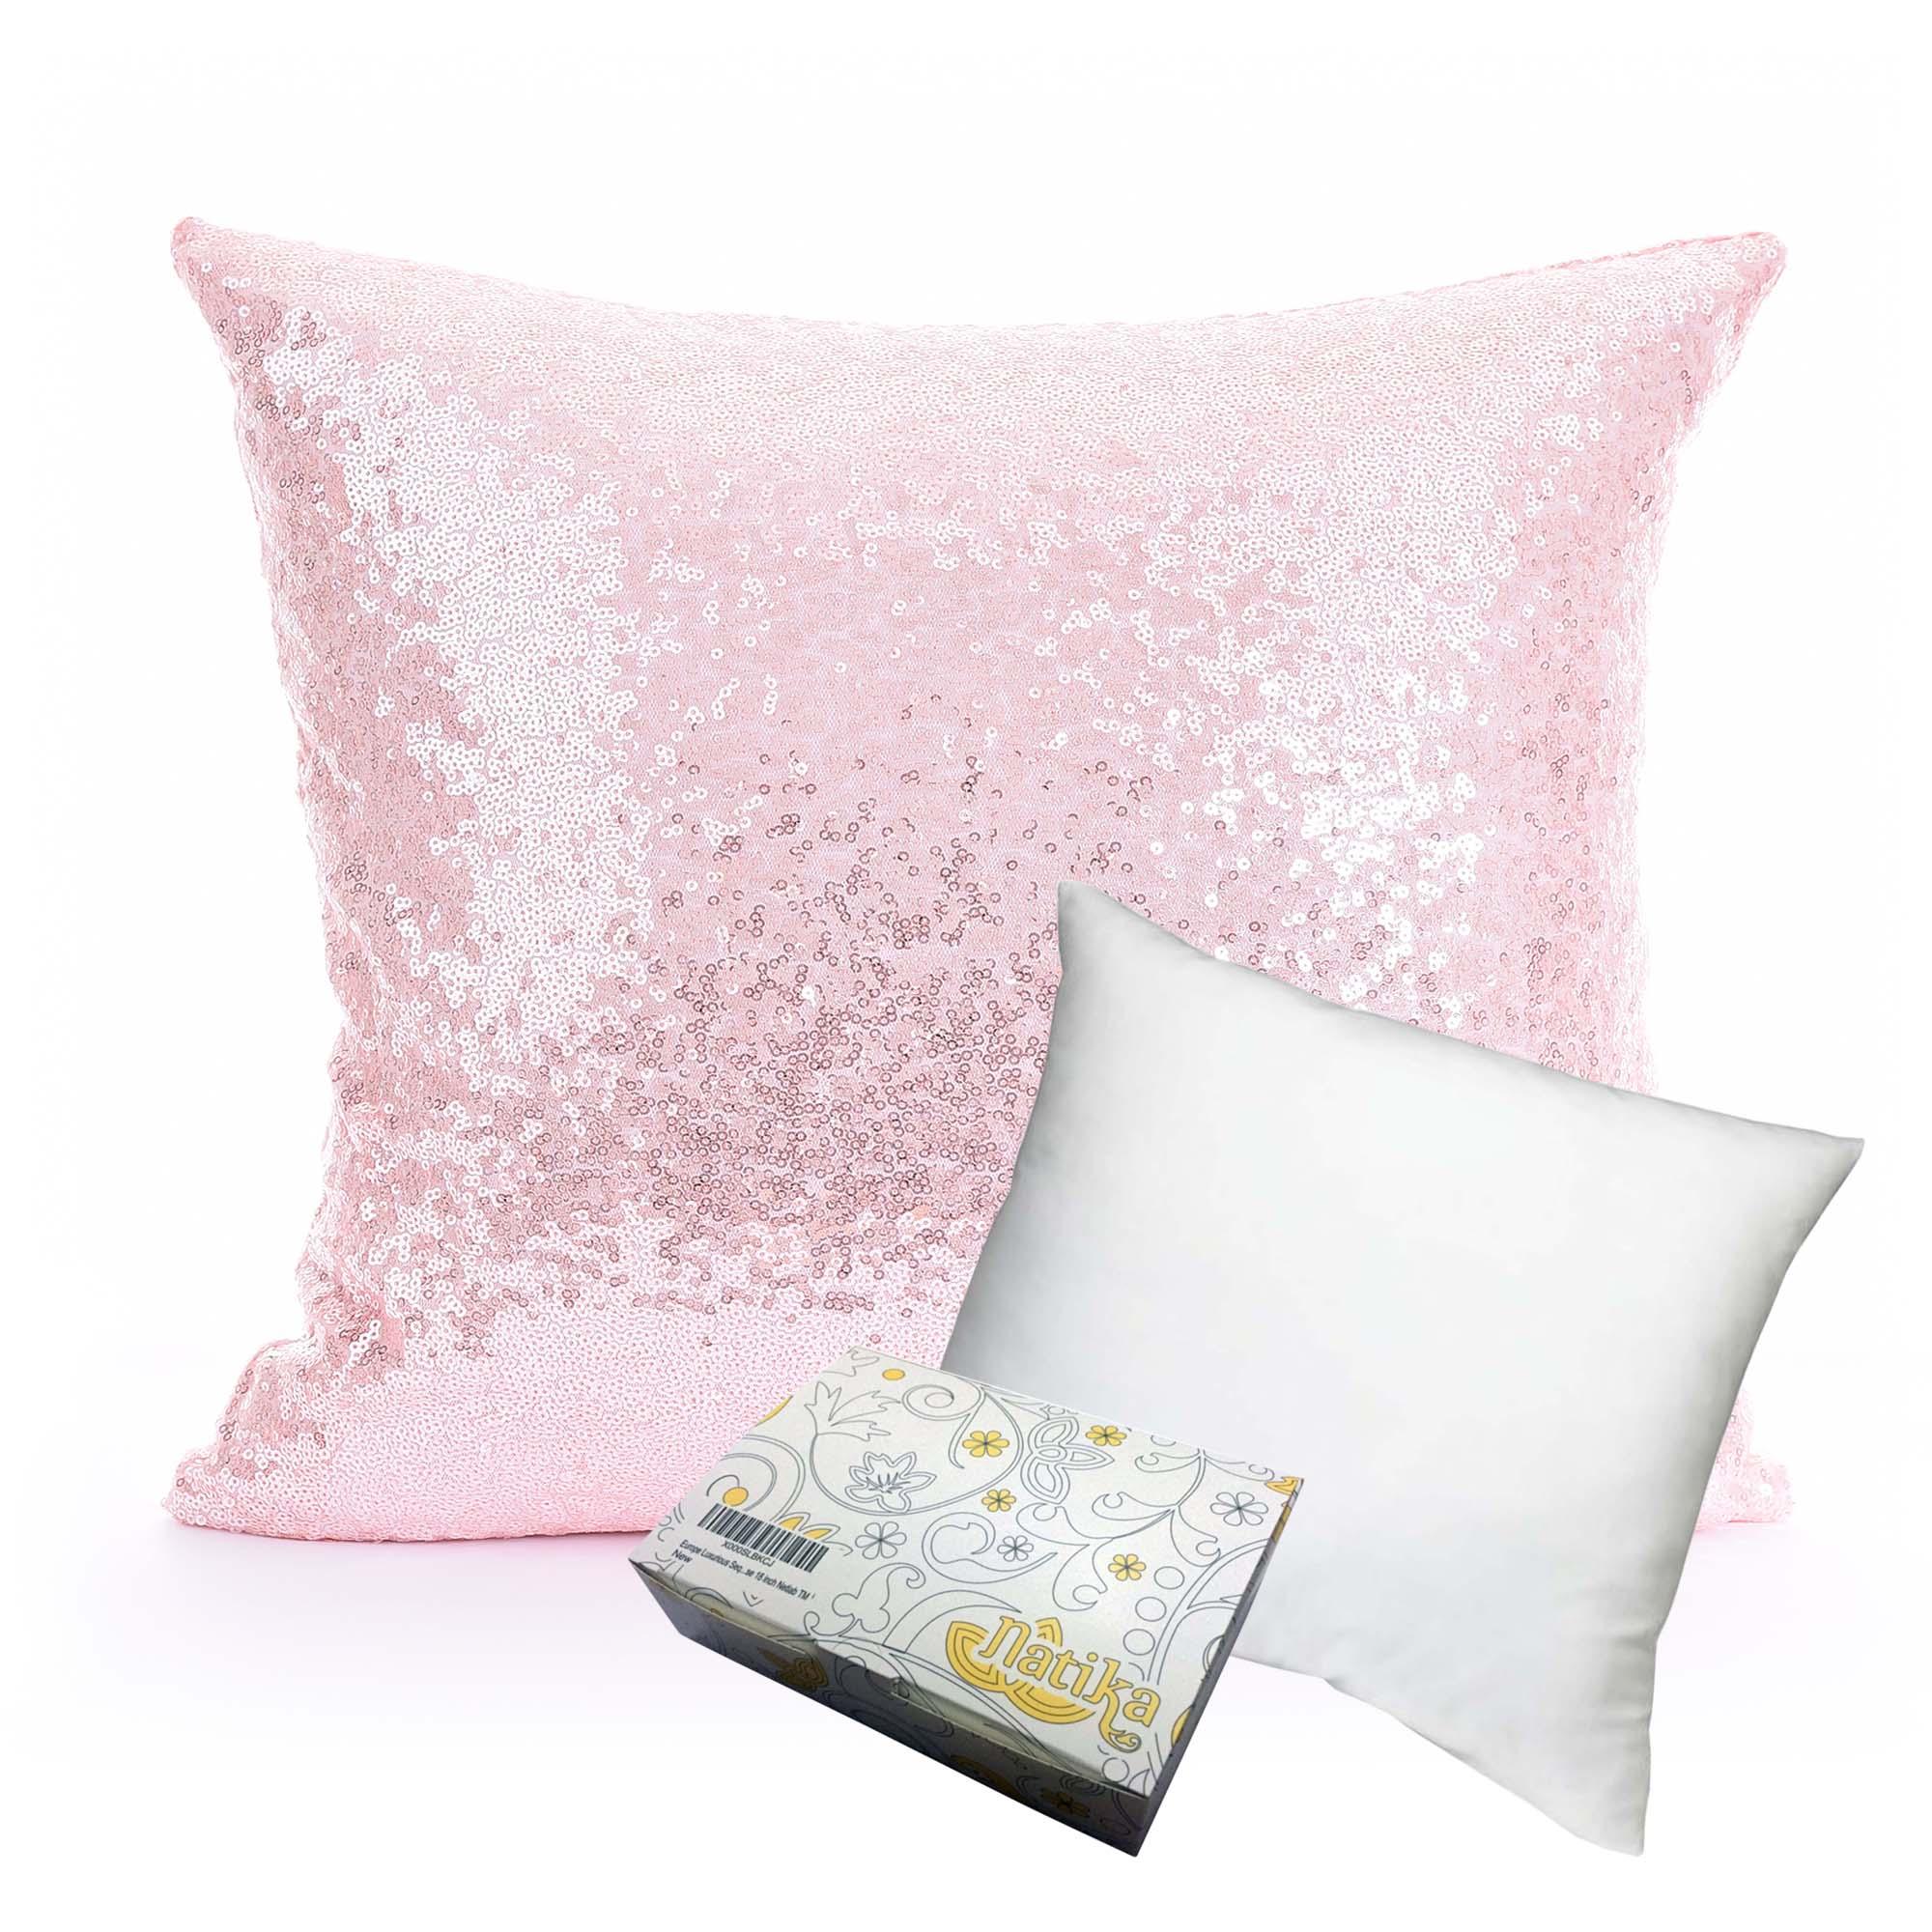 หมอนอิง Sequin Pillow Cushion Cover Pillow Case ขนาด 18 x 18 inch 45 cm. สีชมพูดอกกุหราบ